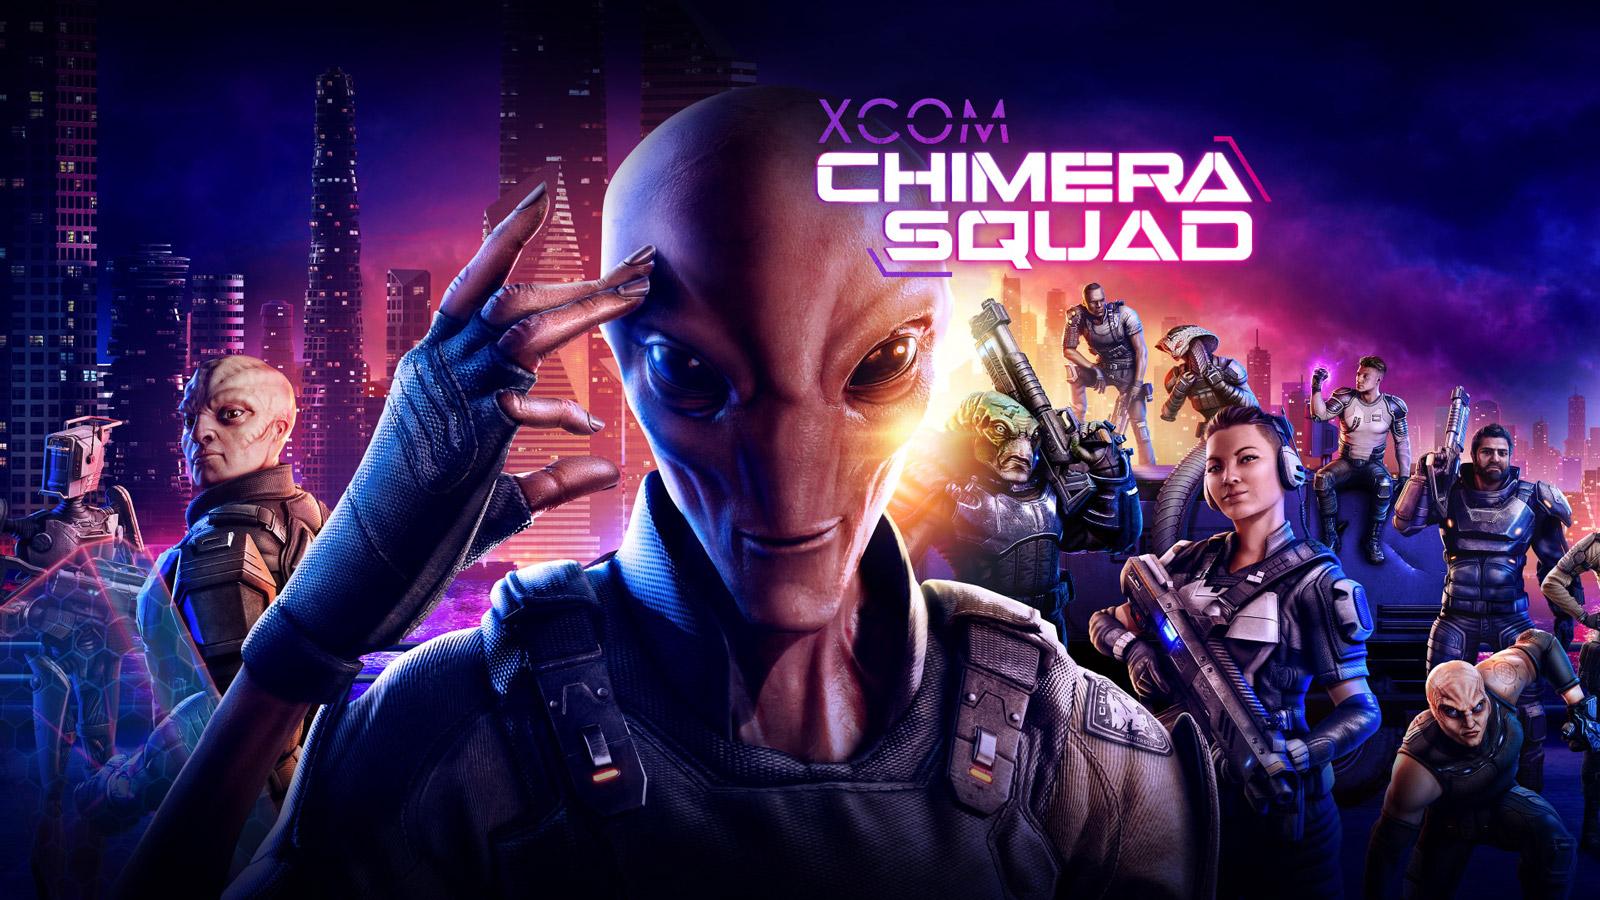 Free XCOM: Chimera Squad Wallpaper in 1600x900